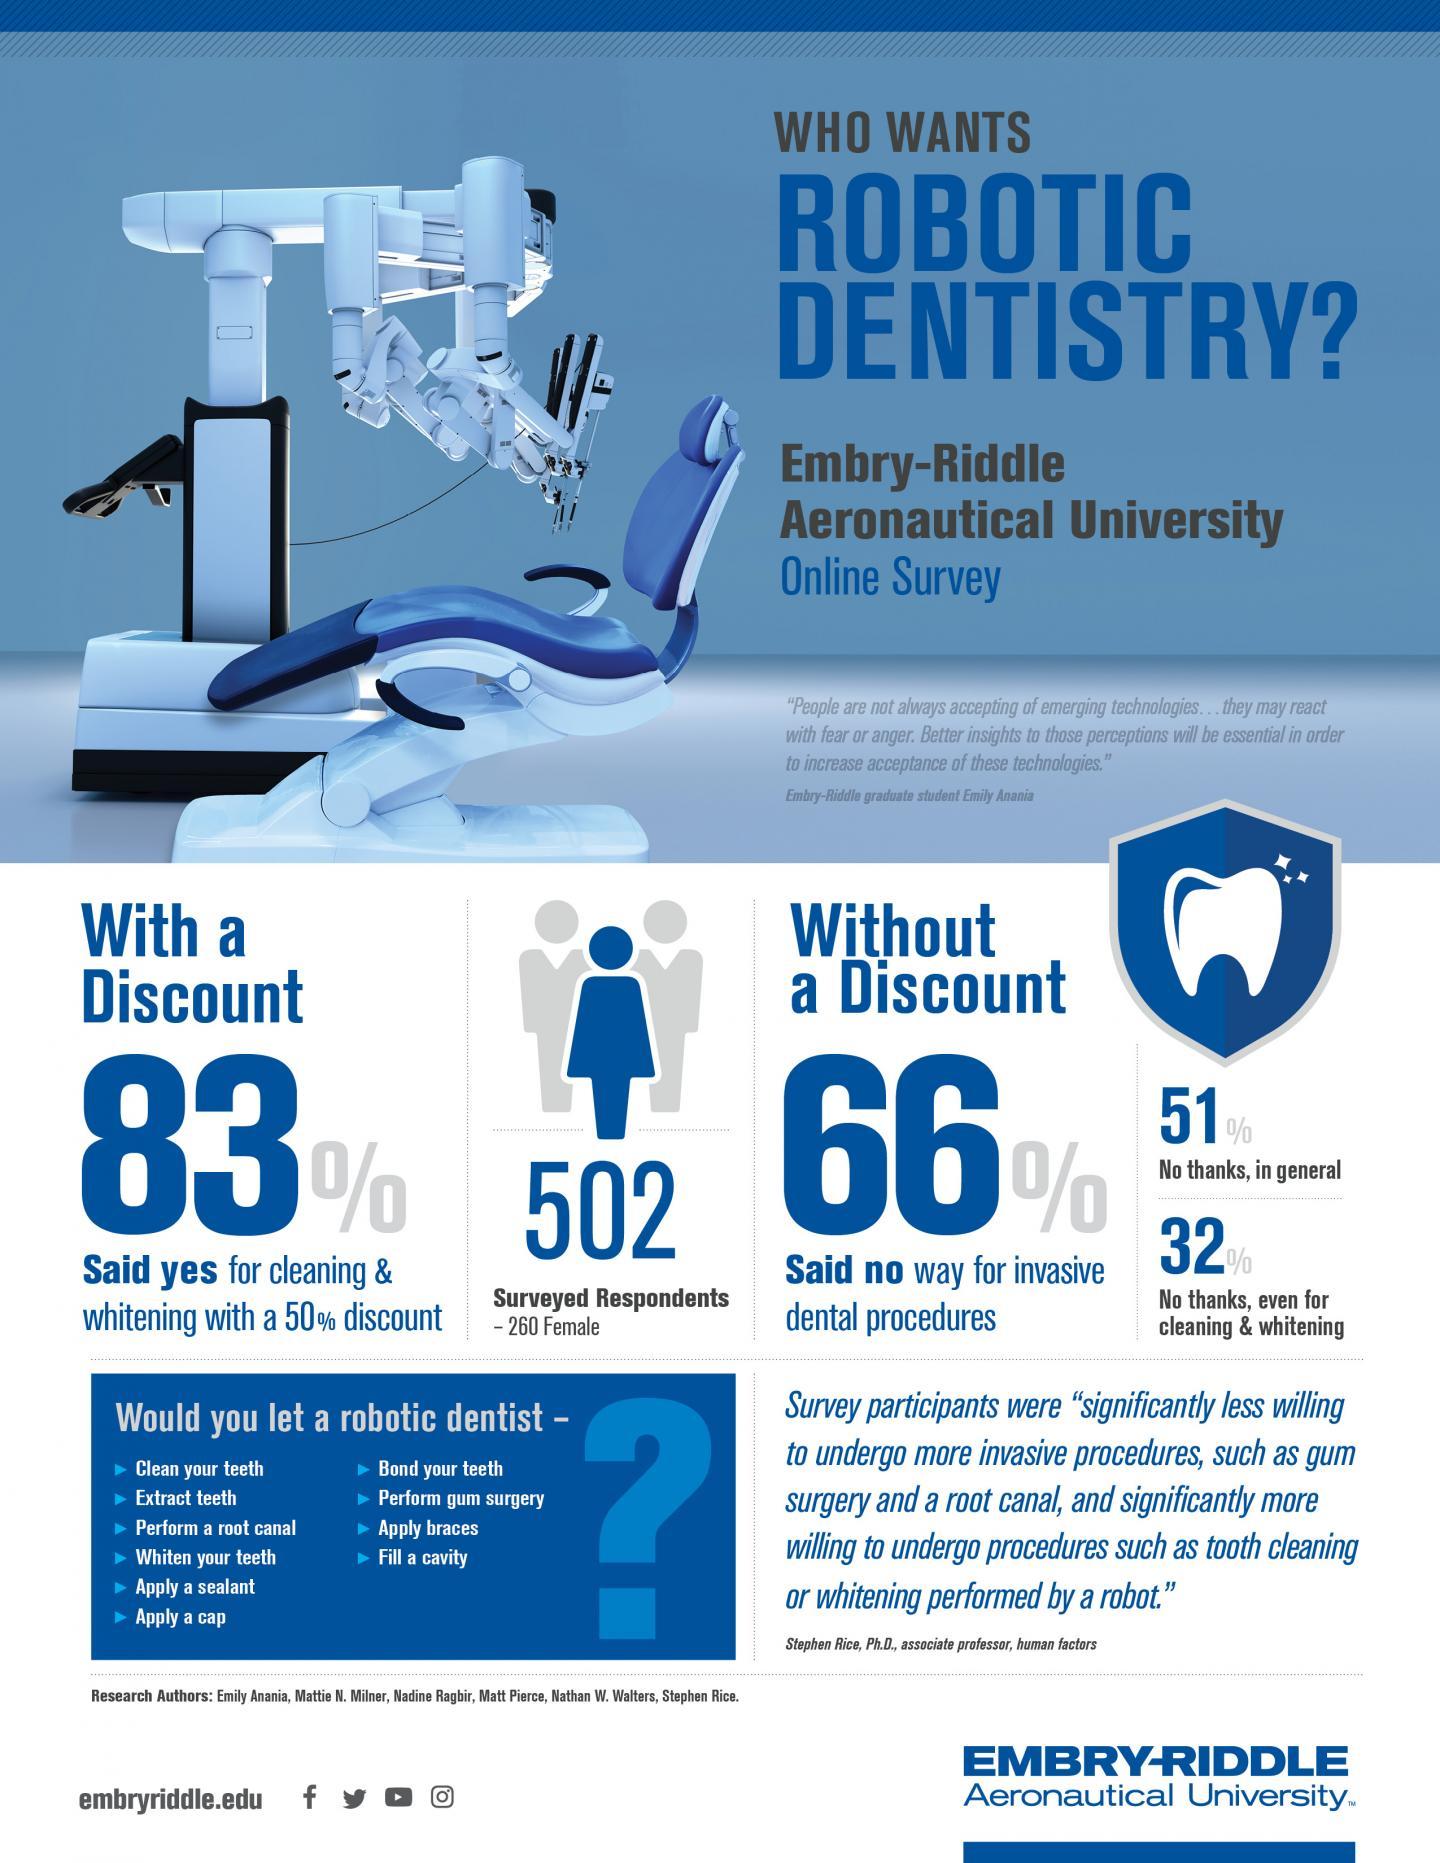 Robotic Dentistry, Anyone?